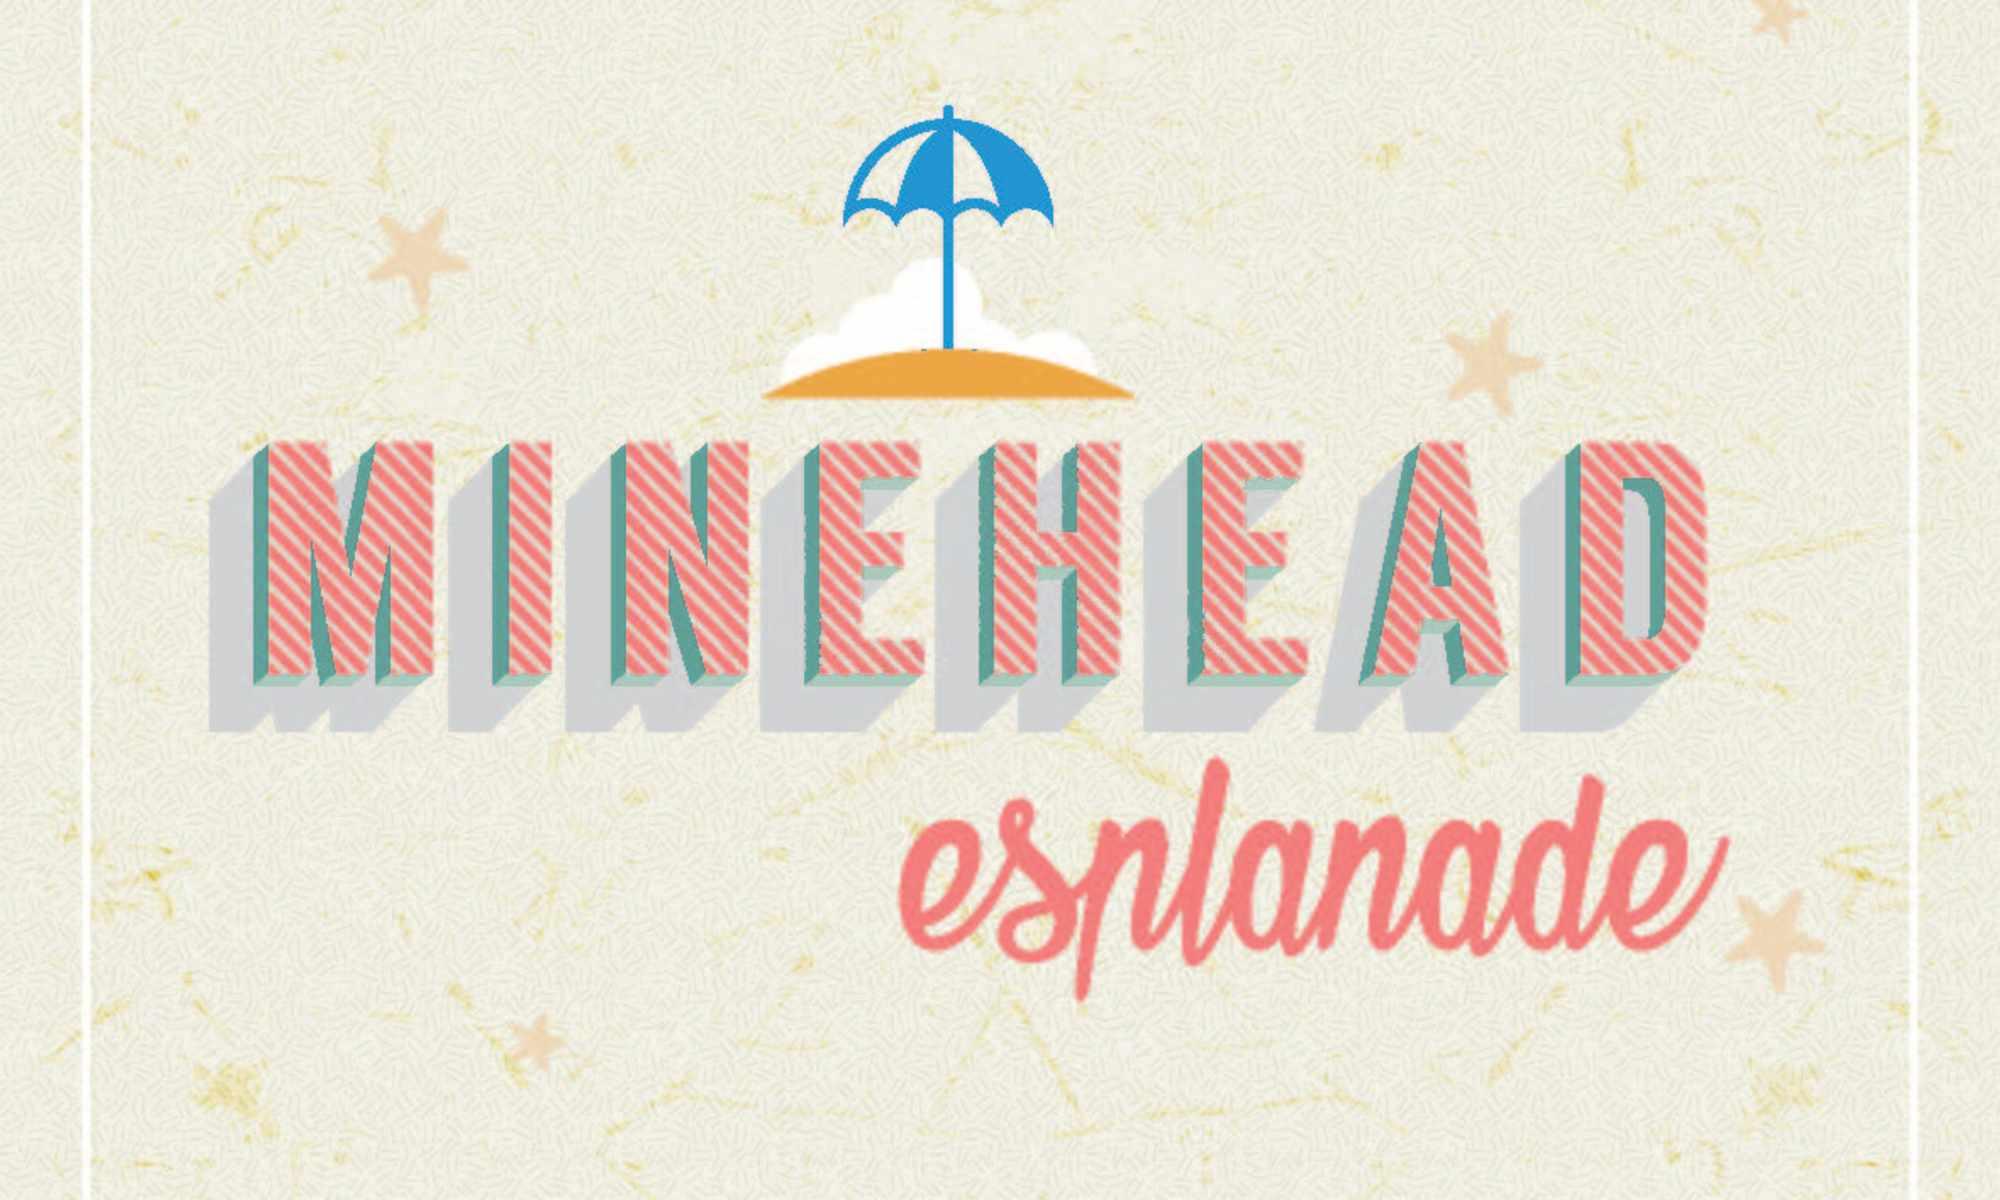 Minehead Esplanade